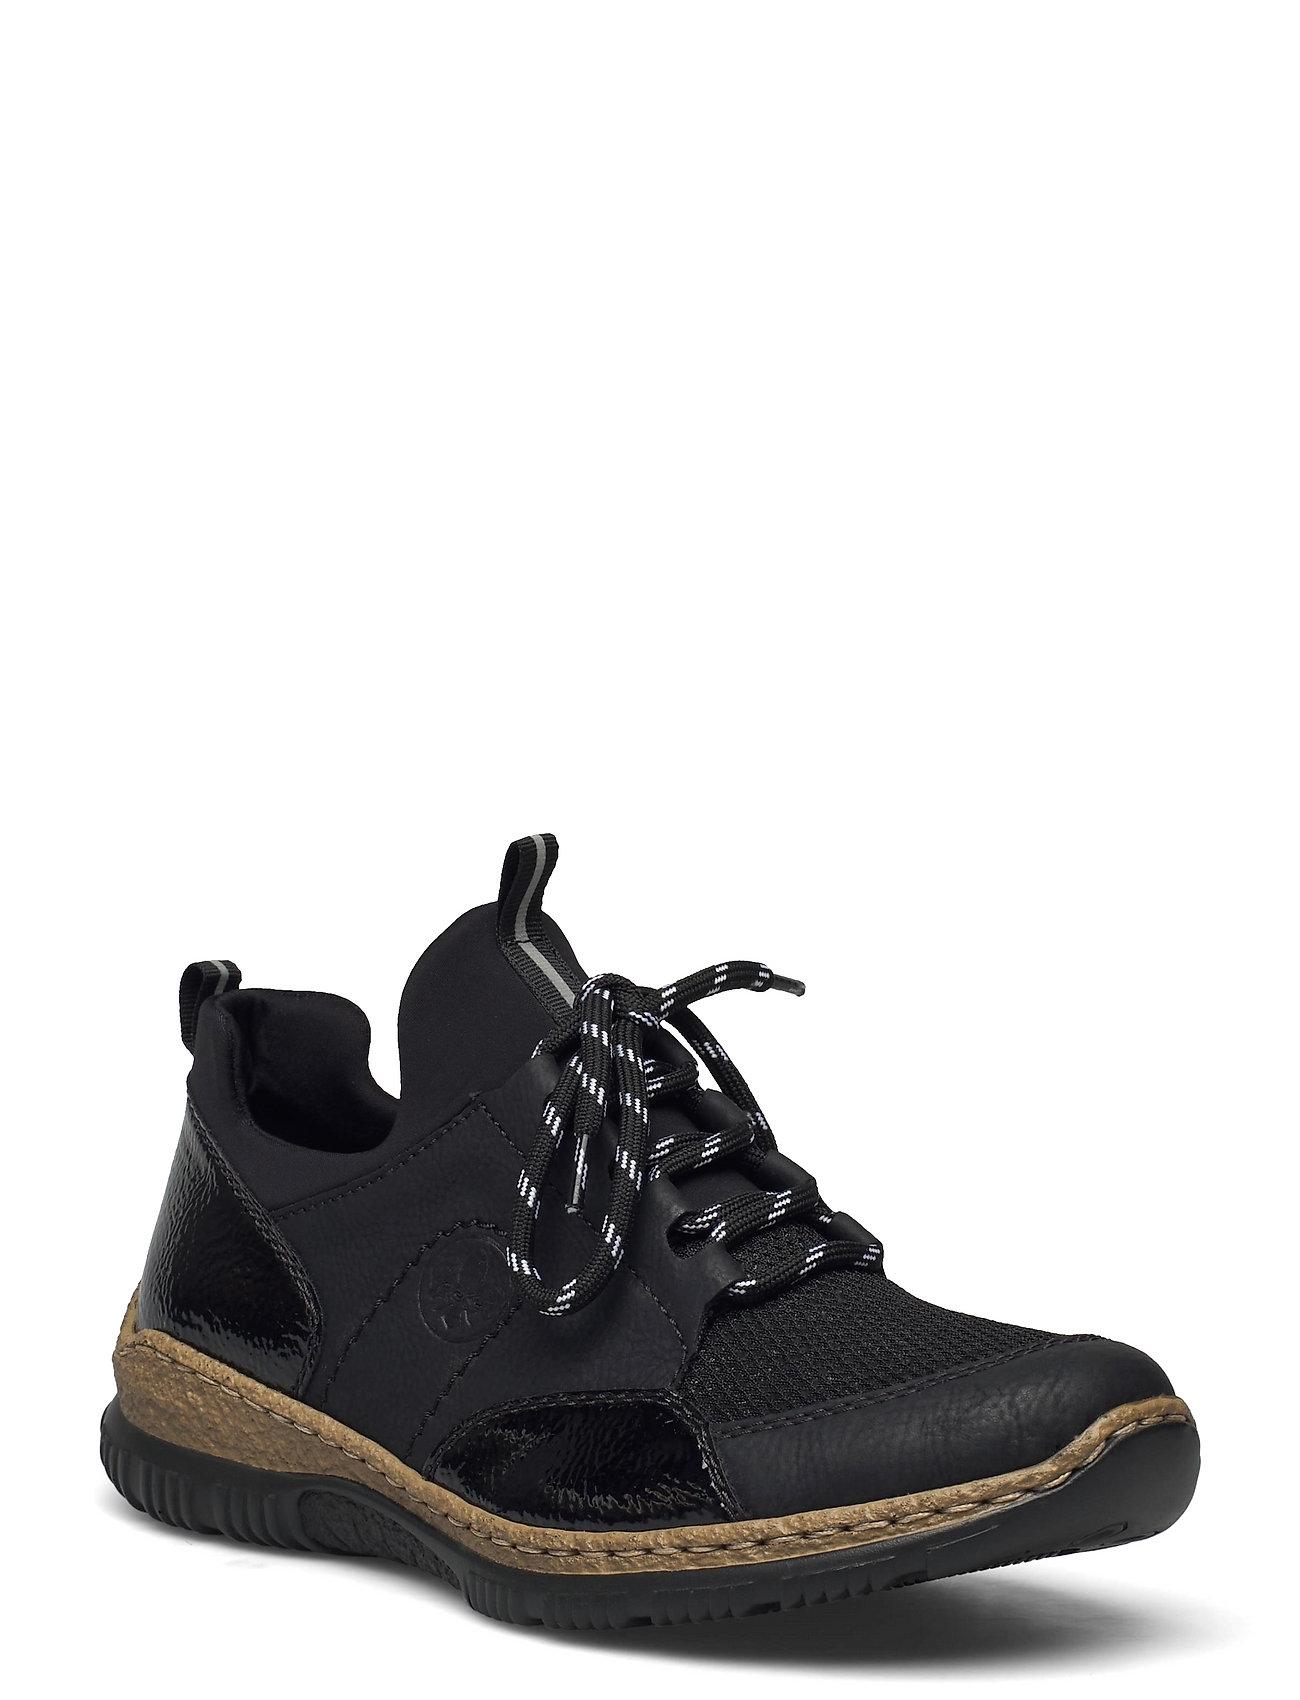 N3253-00 Low-top Sneakers Sort Rieker